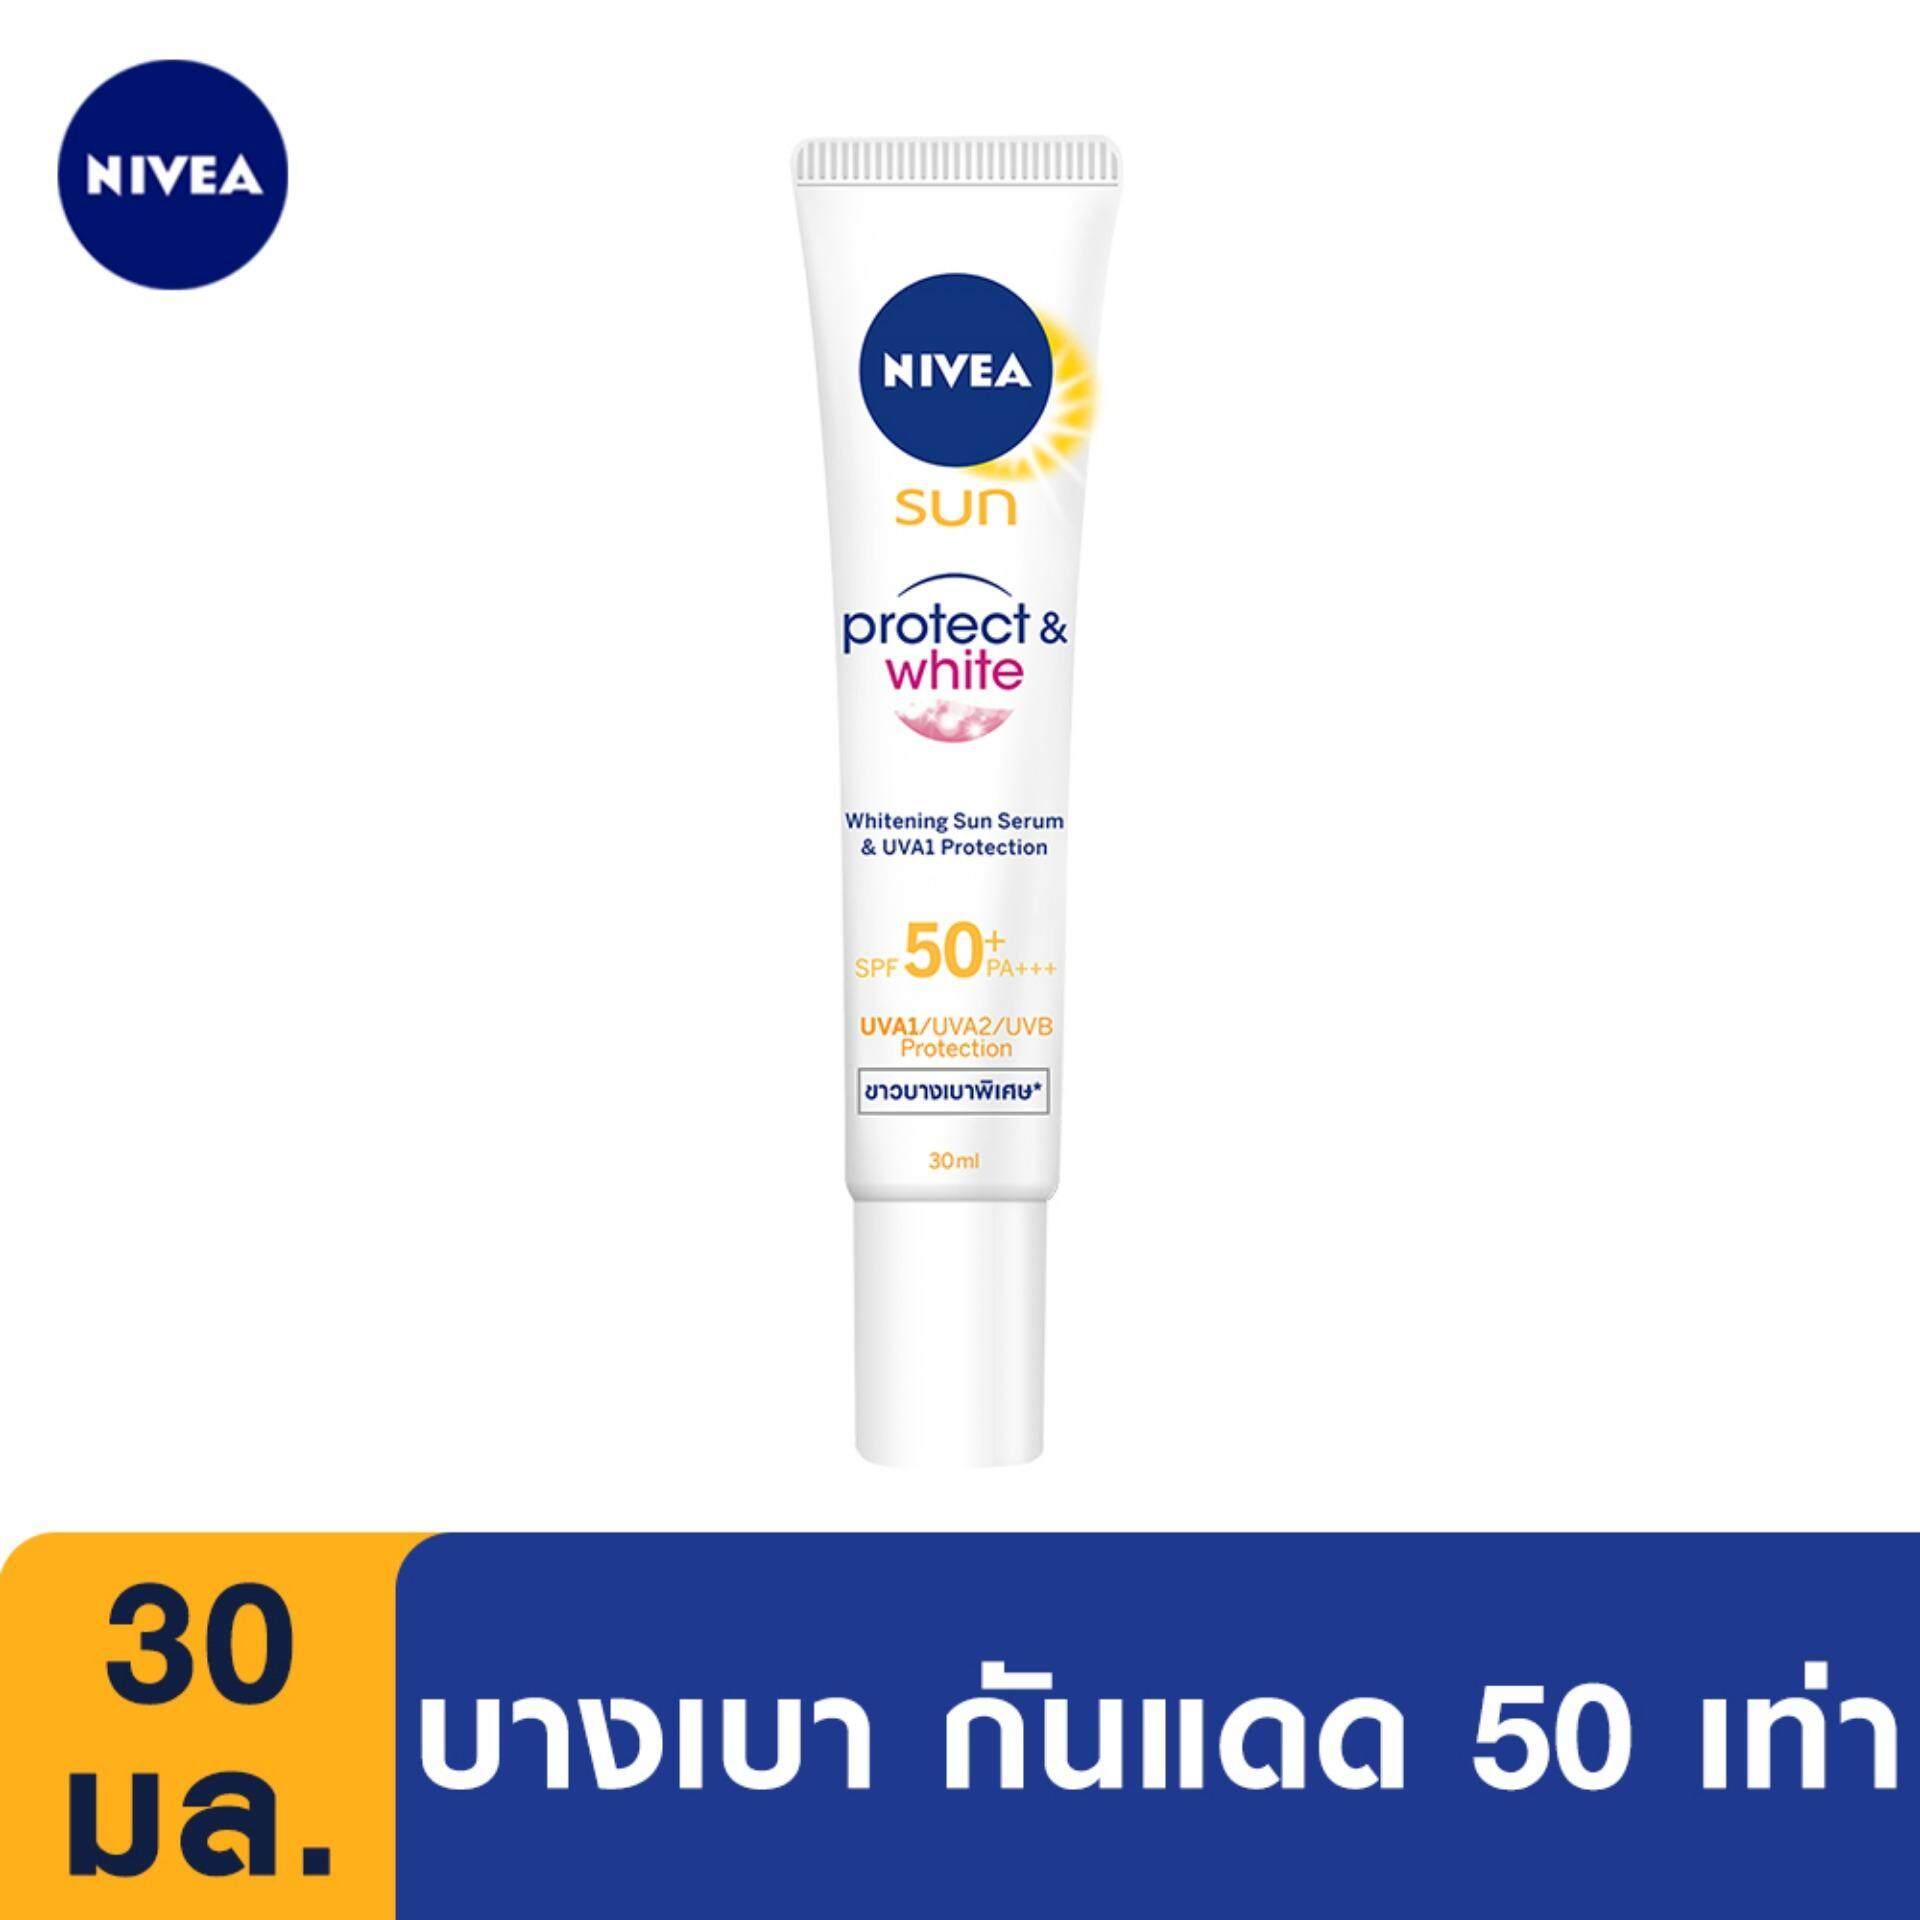 ส่วนลด นีเวีย ซัน โพรเท็คแอนด์ไวท์ ซุปเปอร์ เซรั่ม เอสพีเอฟ 50 พีเอ 30 มล Nivea Sun Protect White Super Serum Spf50 Pa 30 Ml